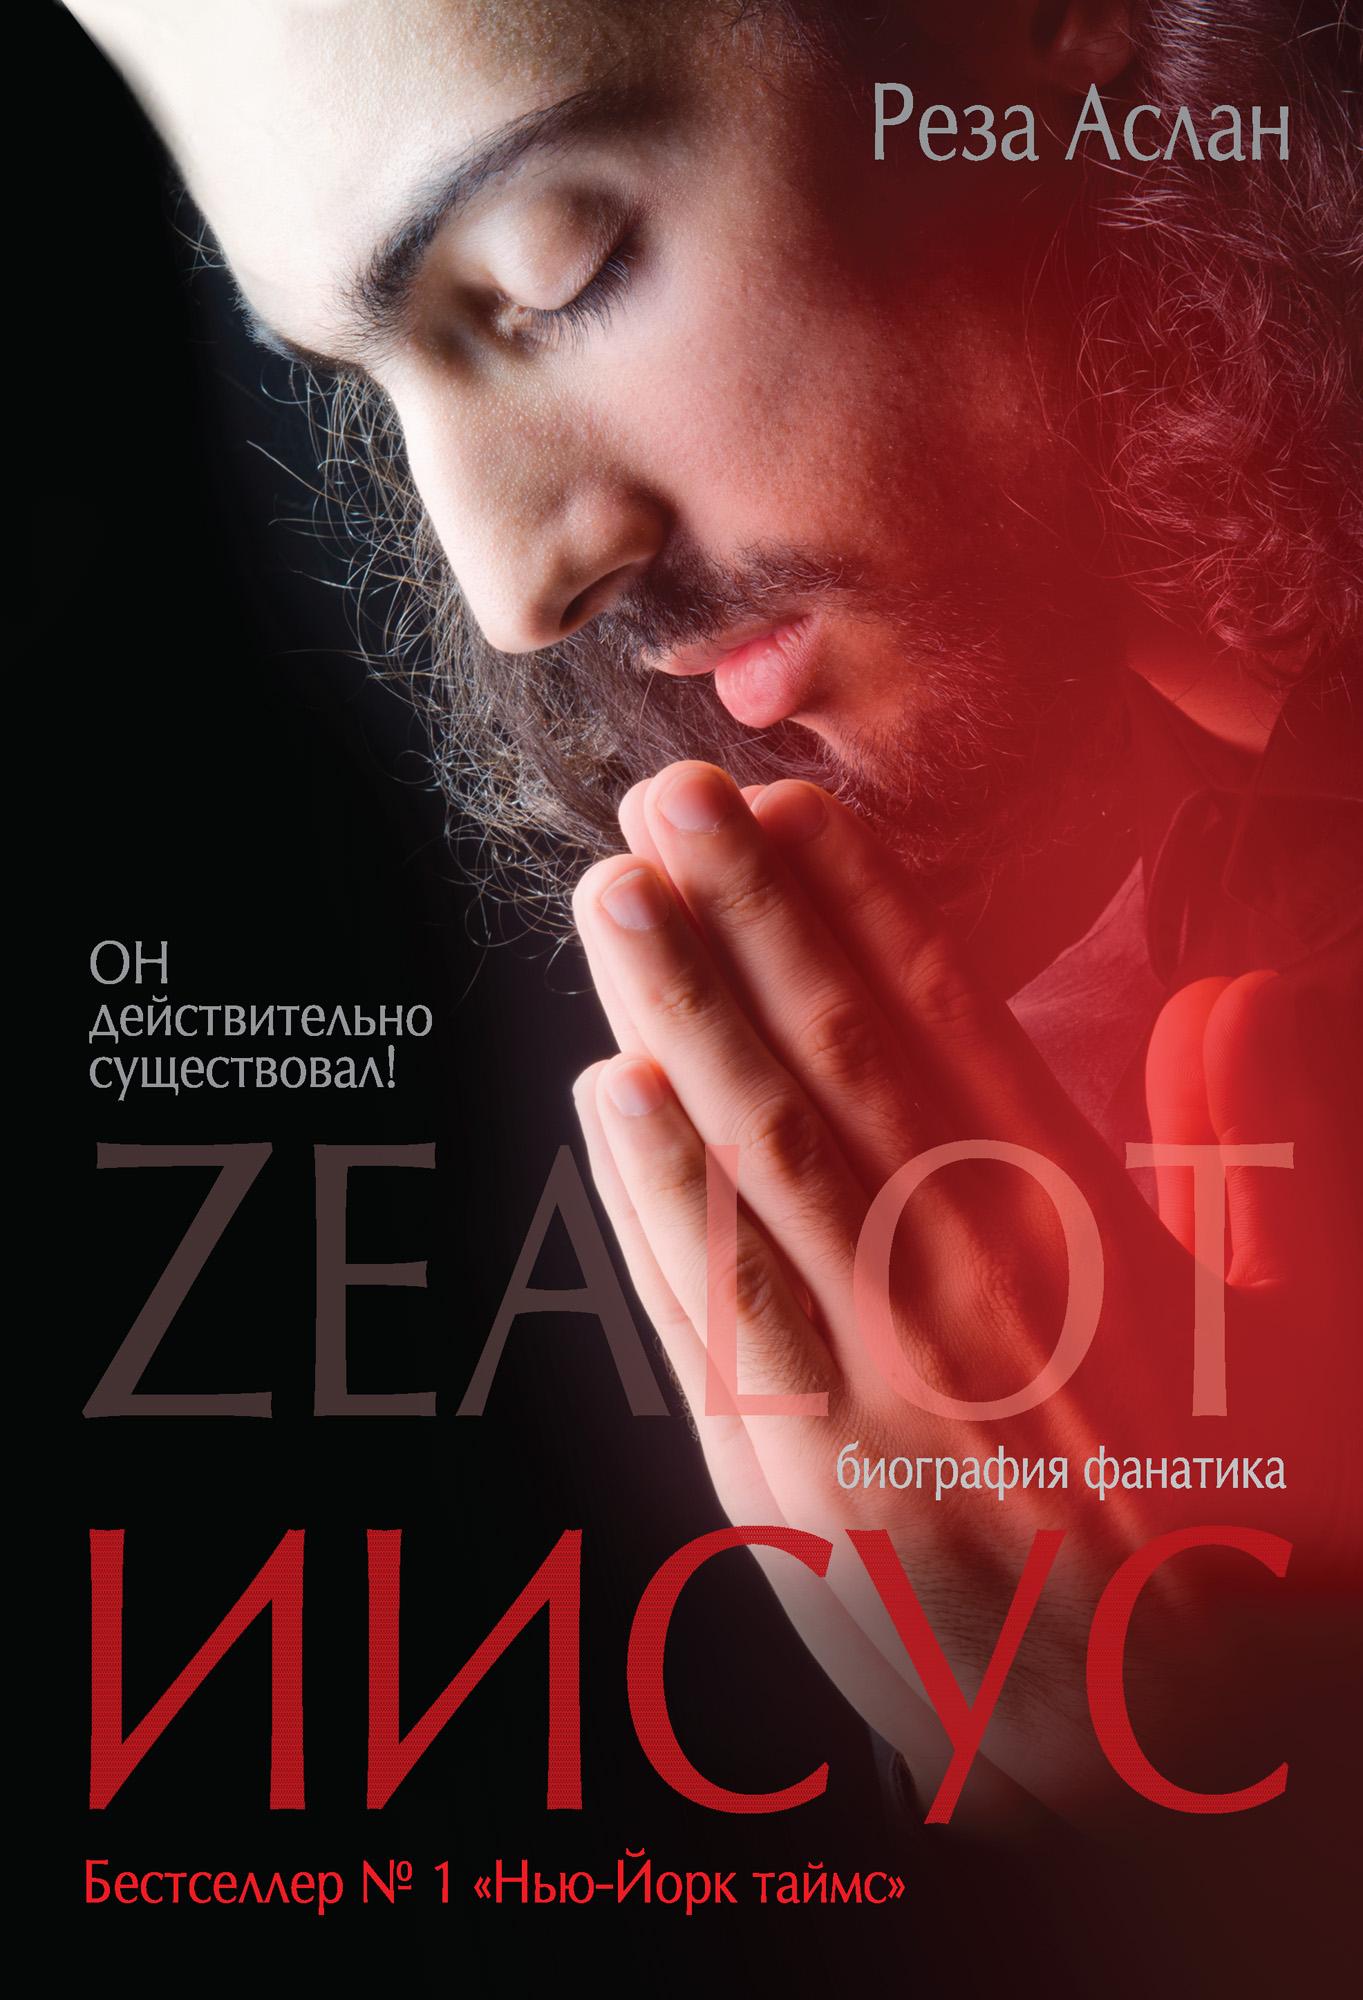 Реза Аслан Zealot. Иисус: биография фанатика